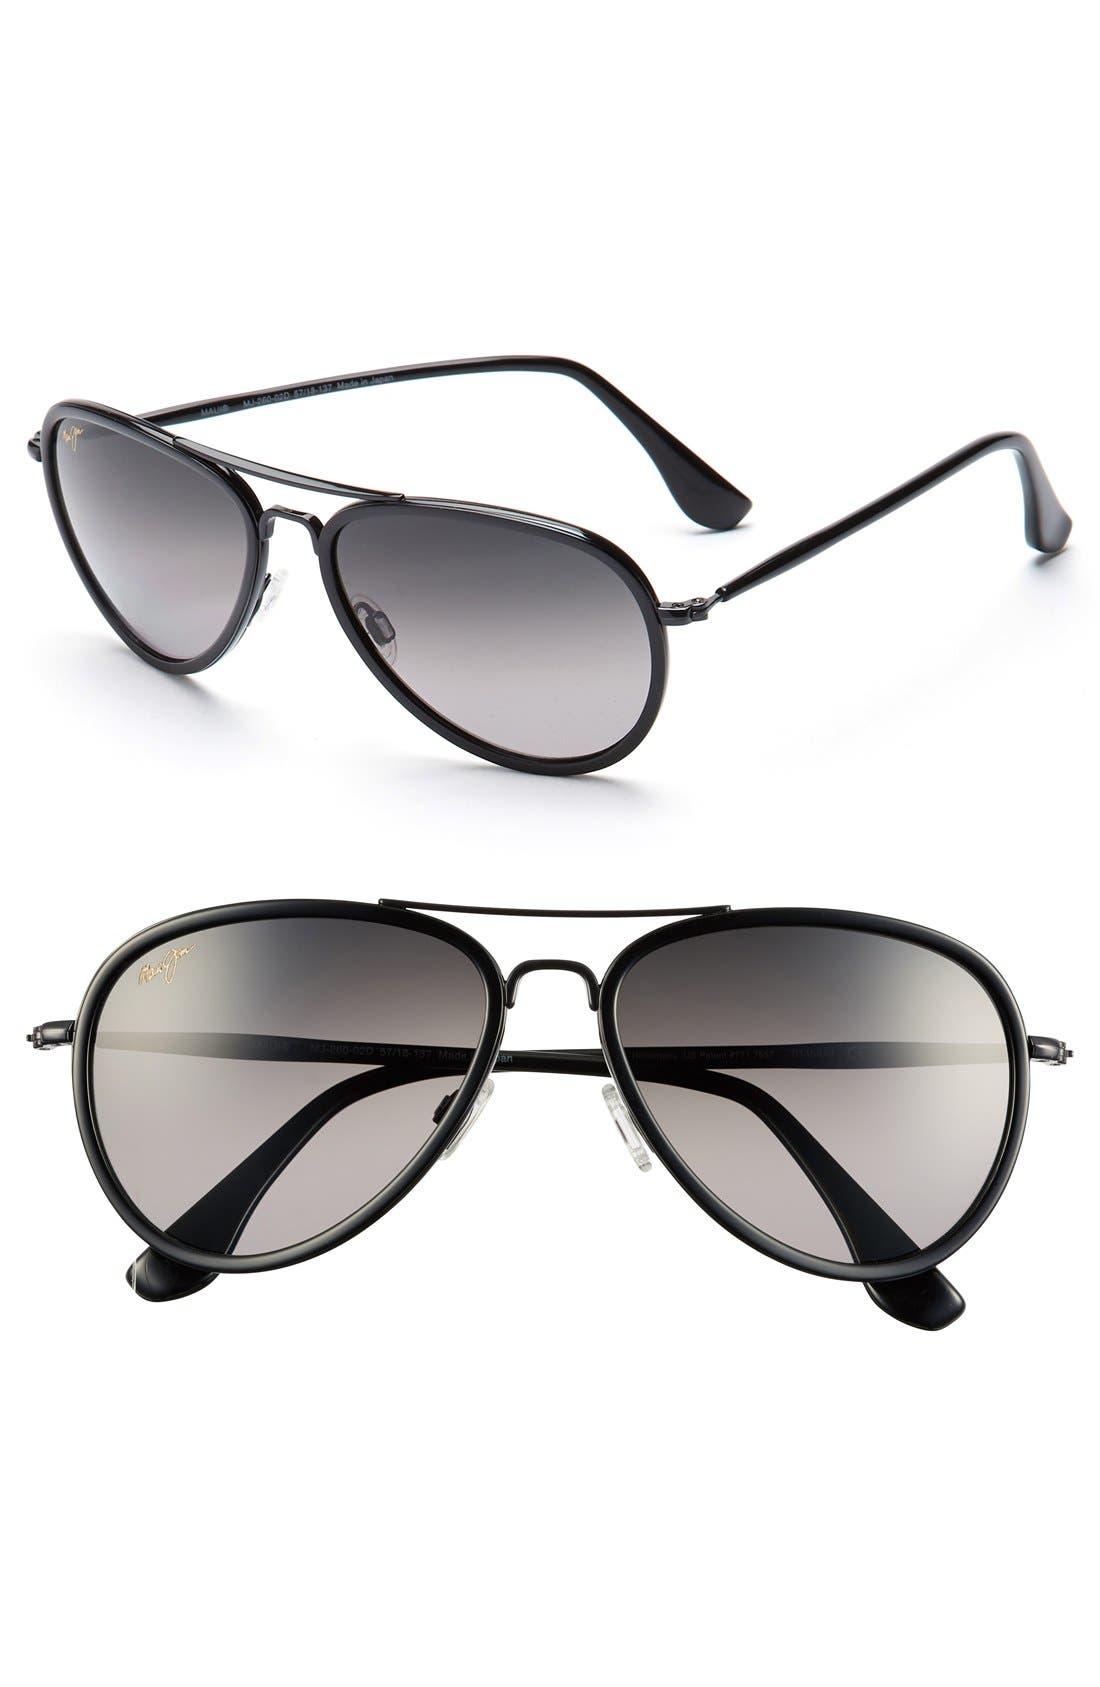 Maui Jim 'Honomanu' 57mm PolarizedPlus®2 Sunglasses